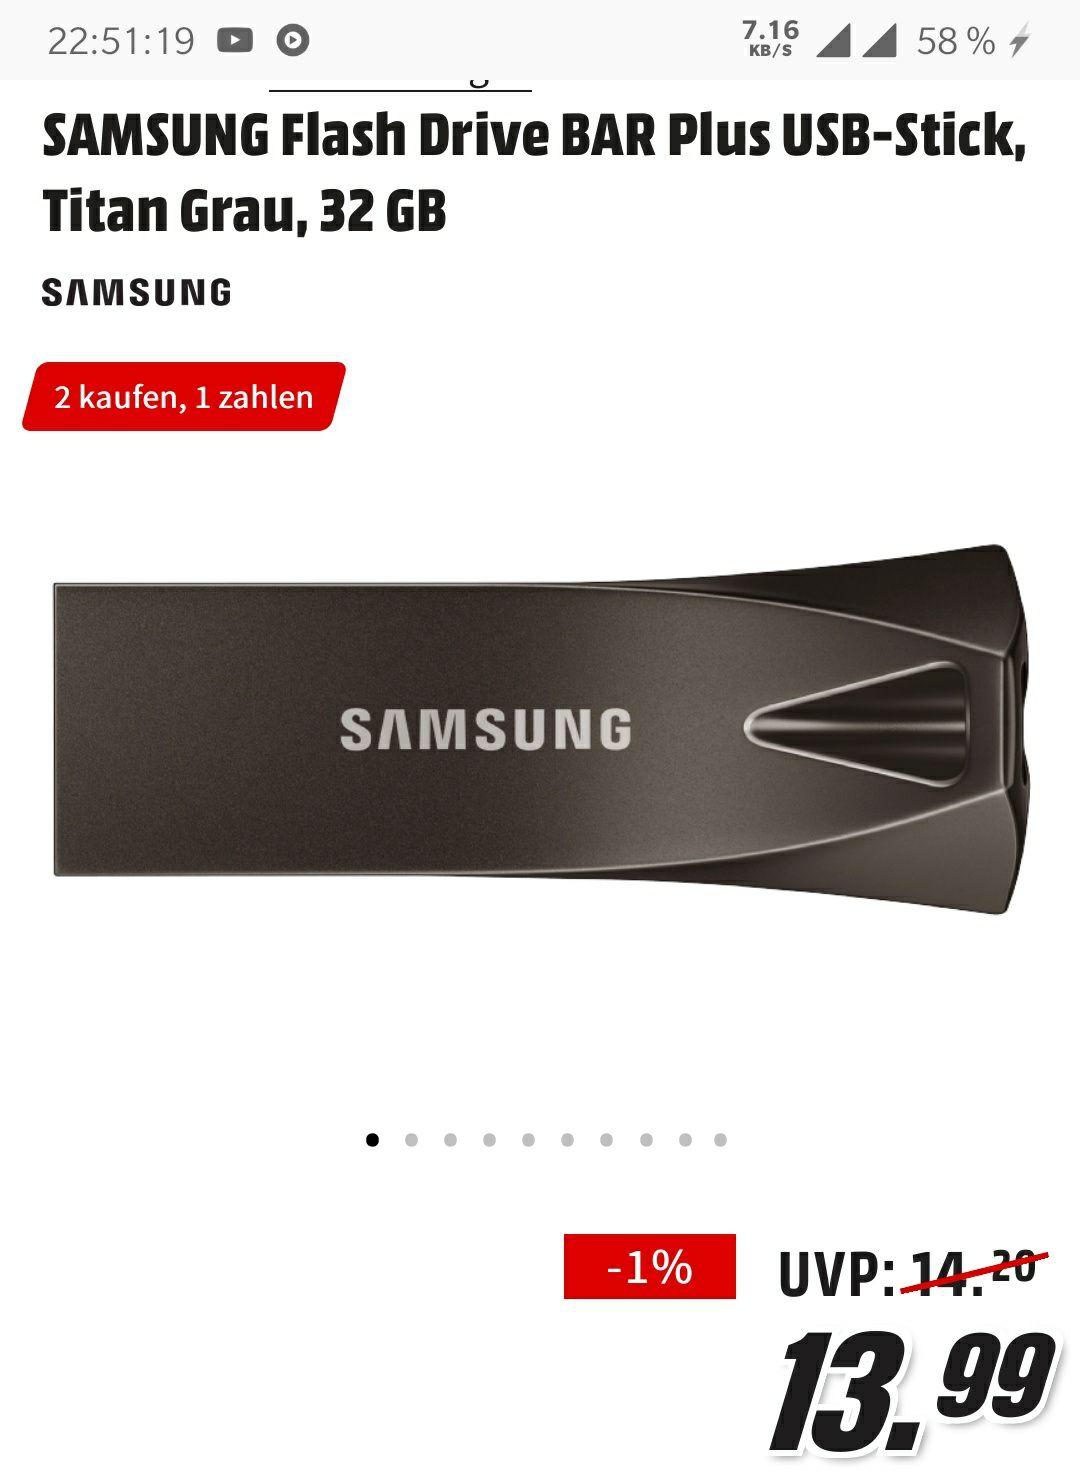 2x SAMSUNG Flash Drive BAR Plus USB-Stick, Titan Grau, 32 GB